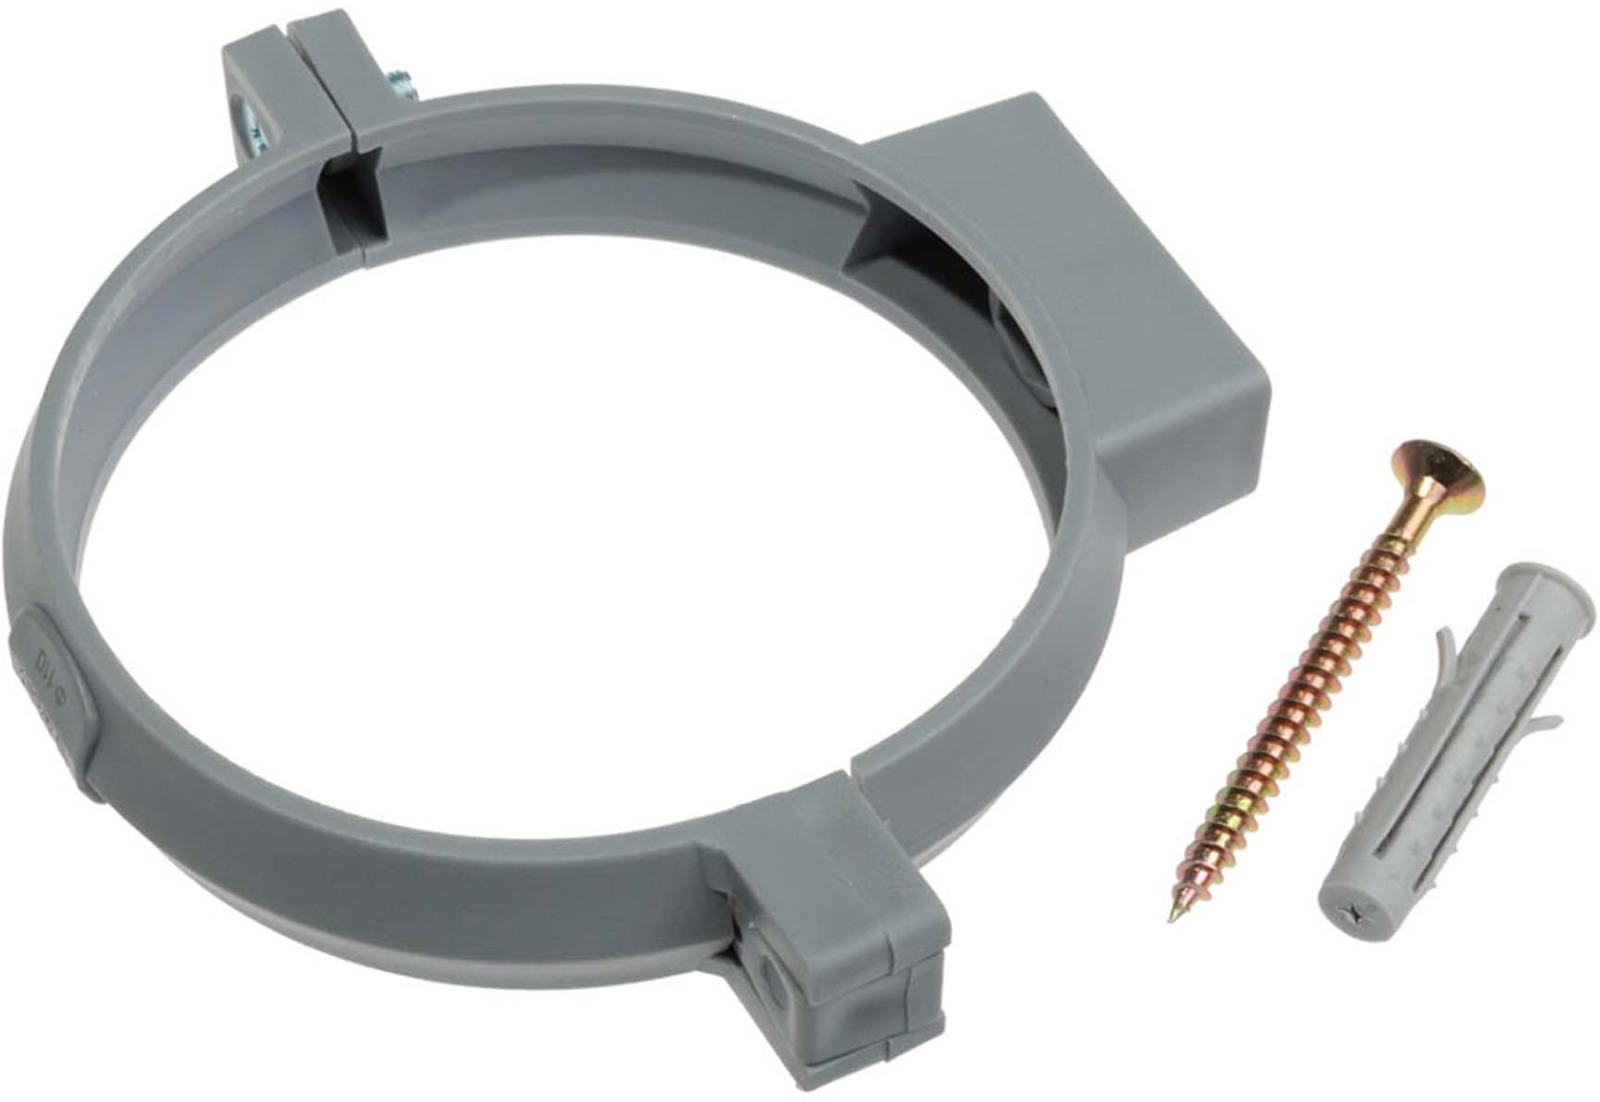 цена на Кронштейн одинарный пластиковый MasterProf, с дюбелем, 110 мм, 2 шт